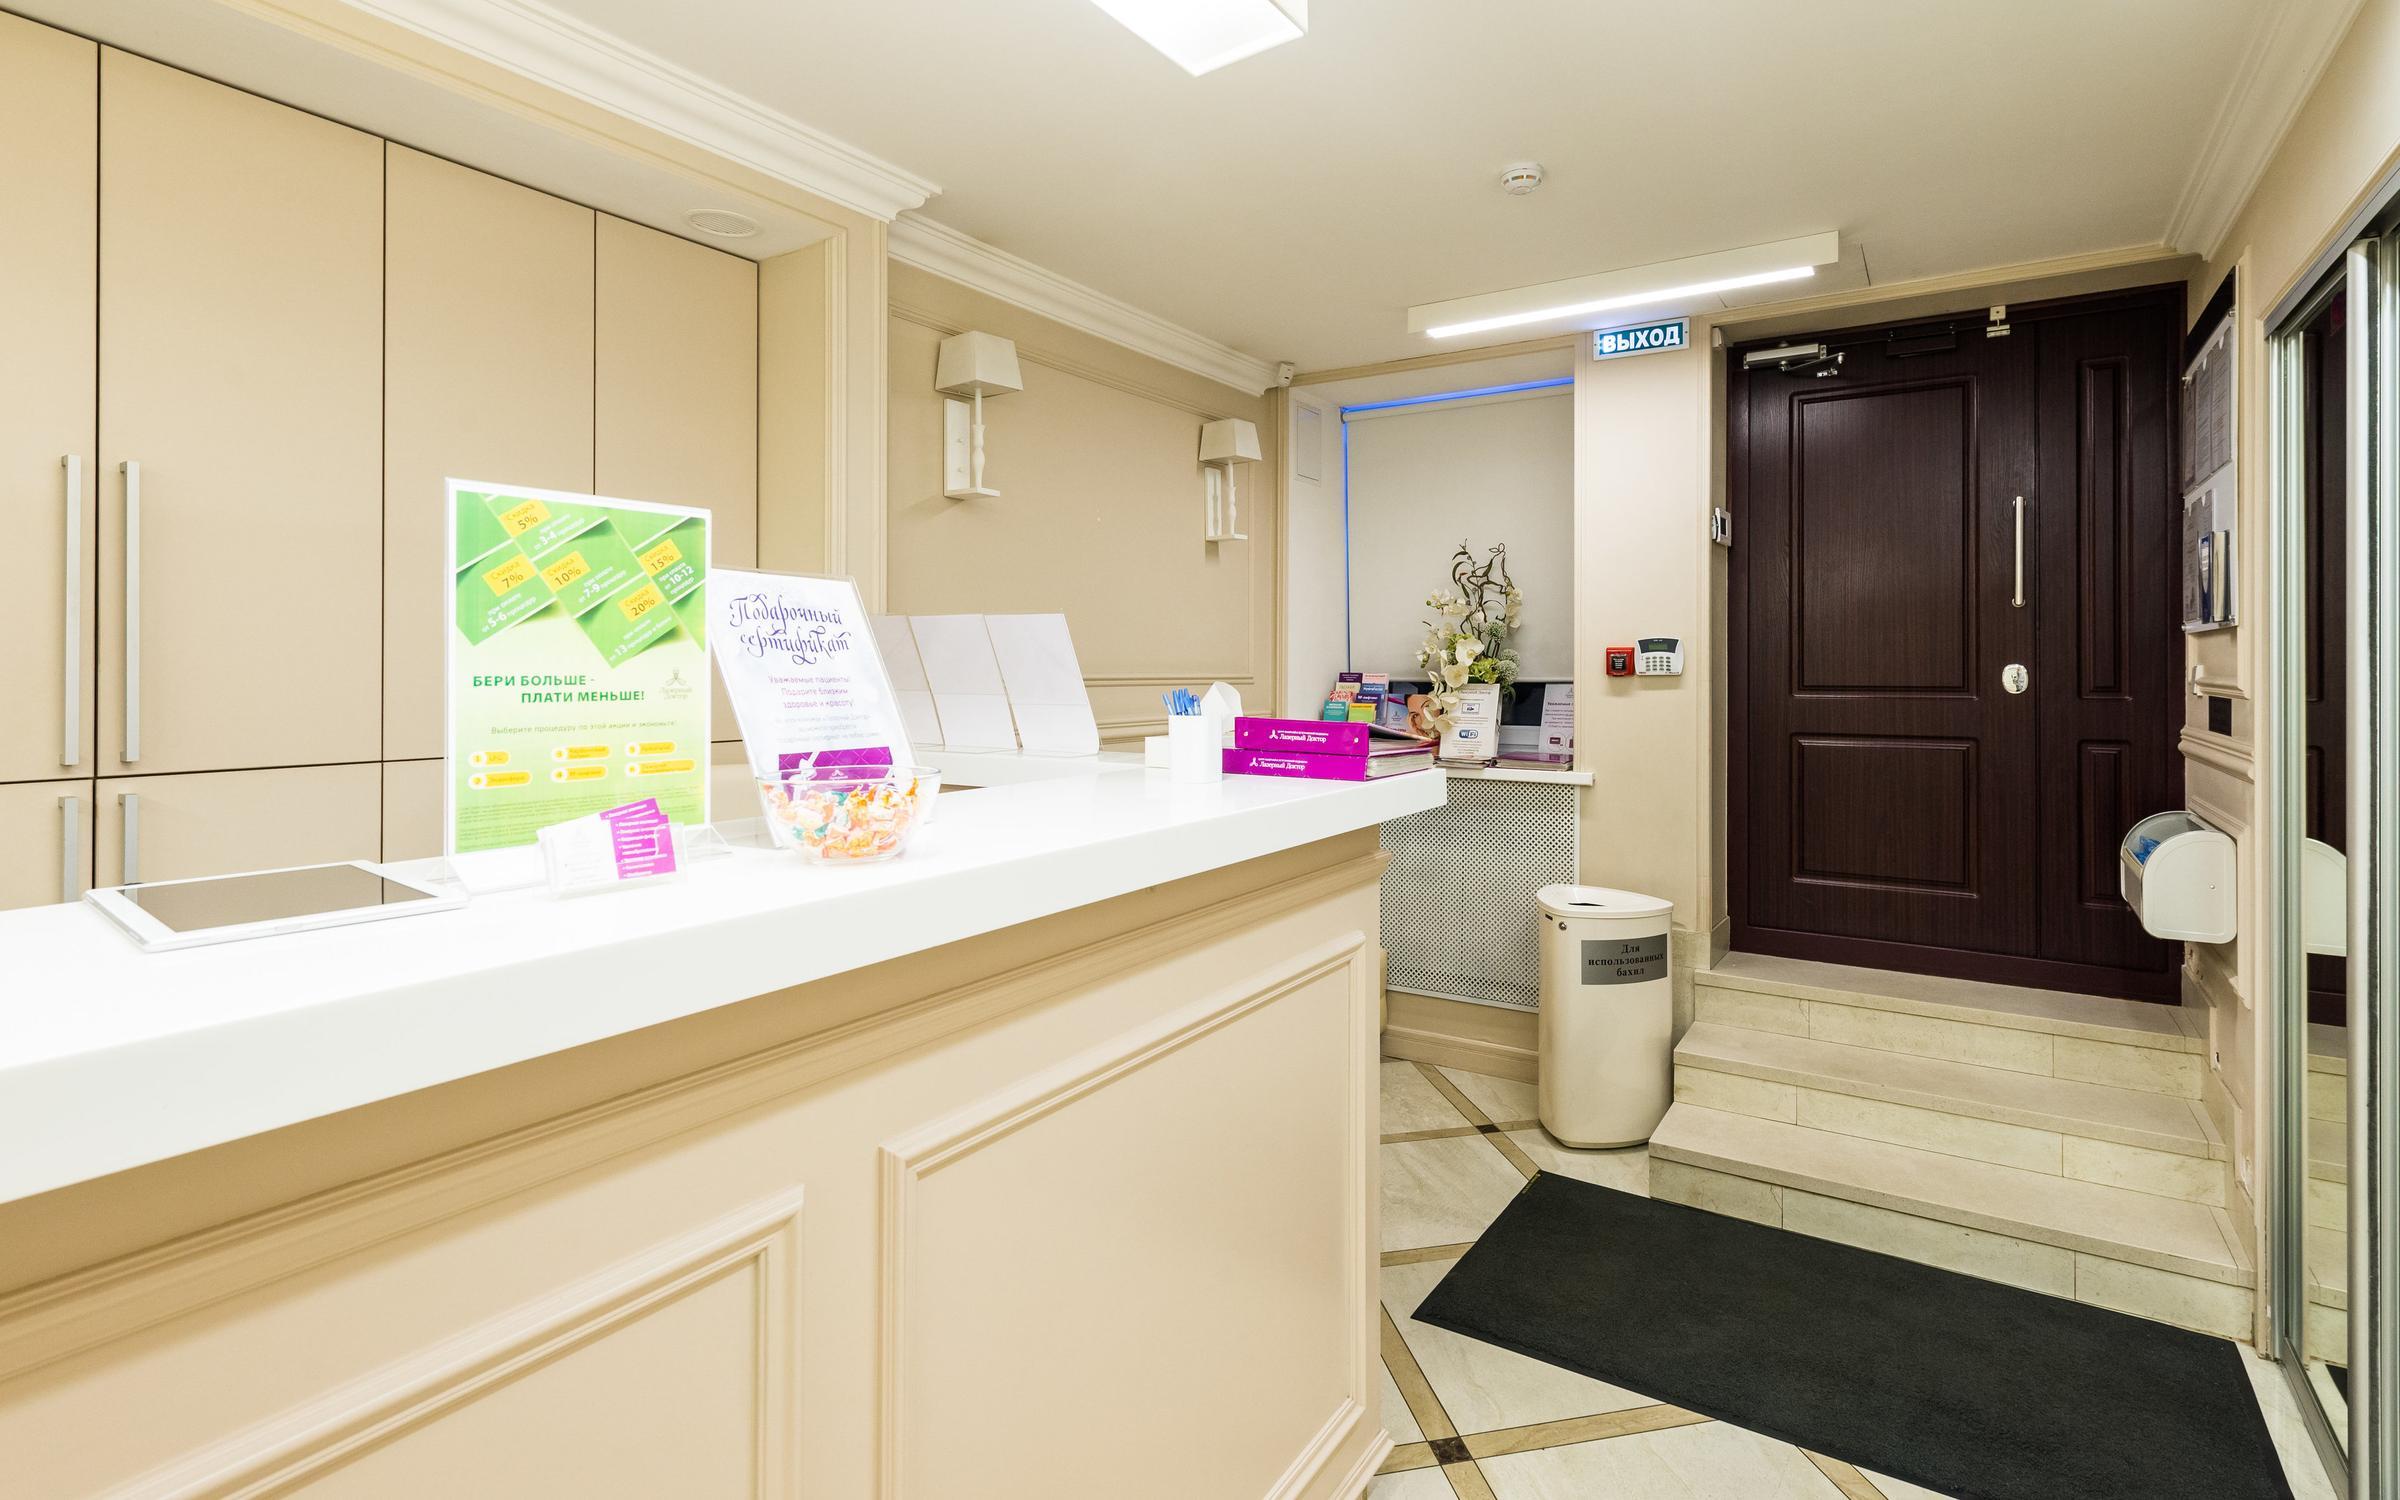 фотография Центра косметологии и медицины Лазерный Доктор на Гороховой улице, 26